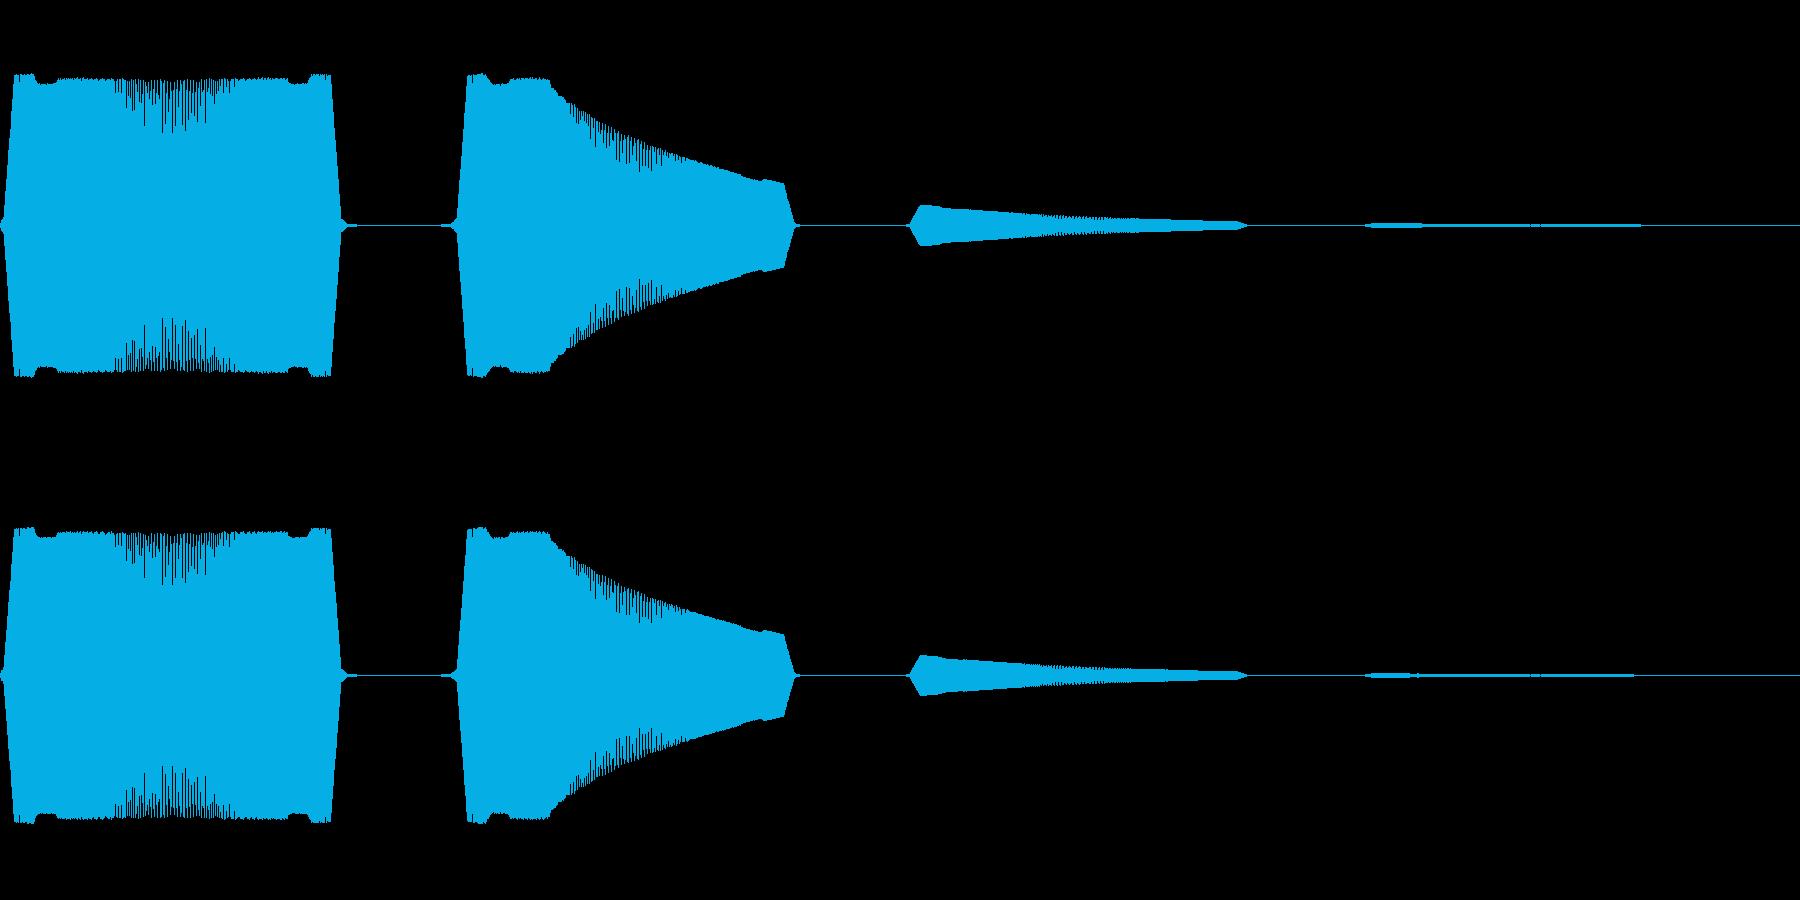 ボヨヨンと柔らかいものが揺れる05の再生済みの波形